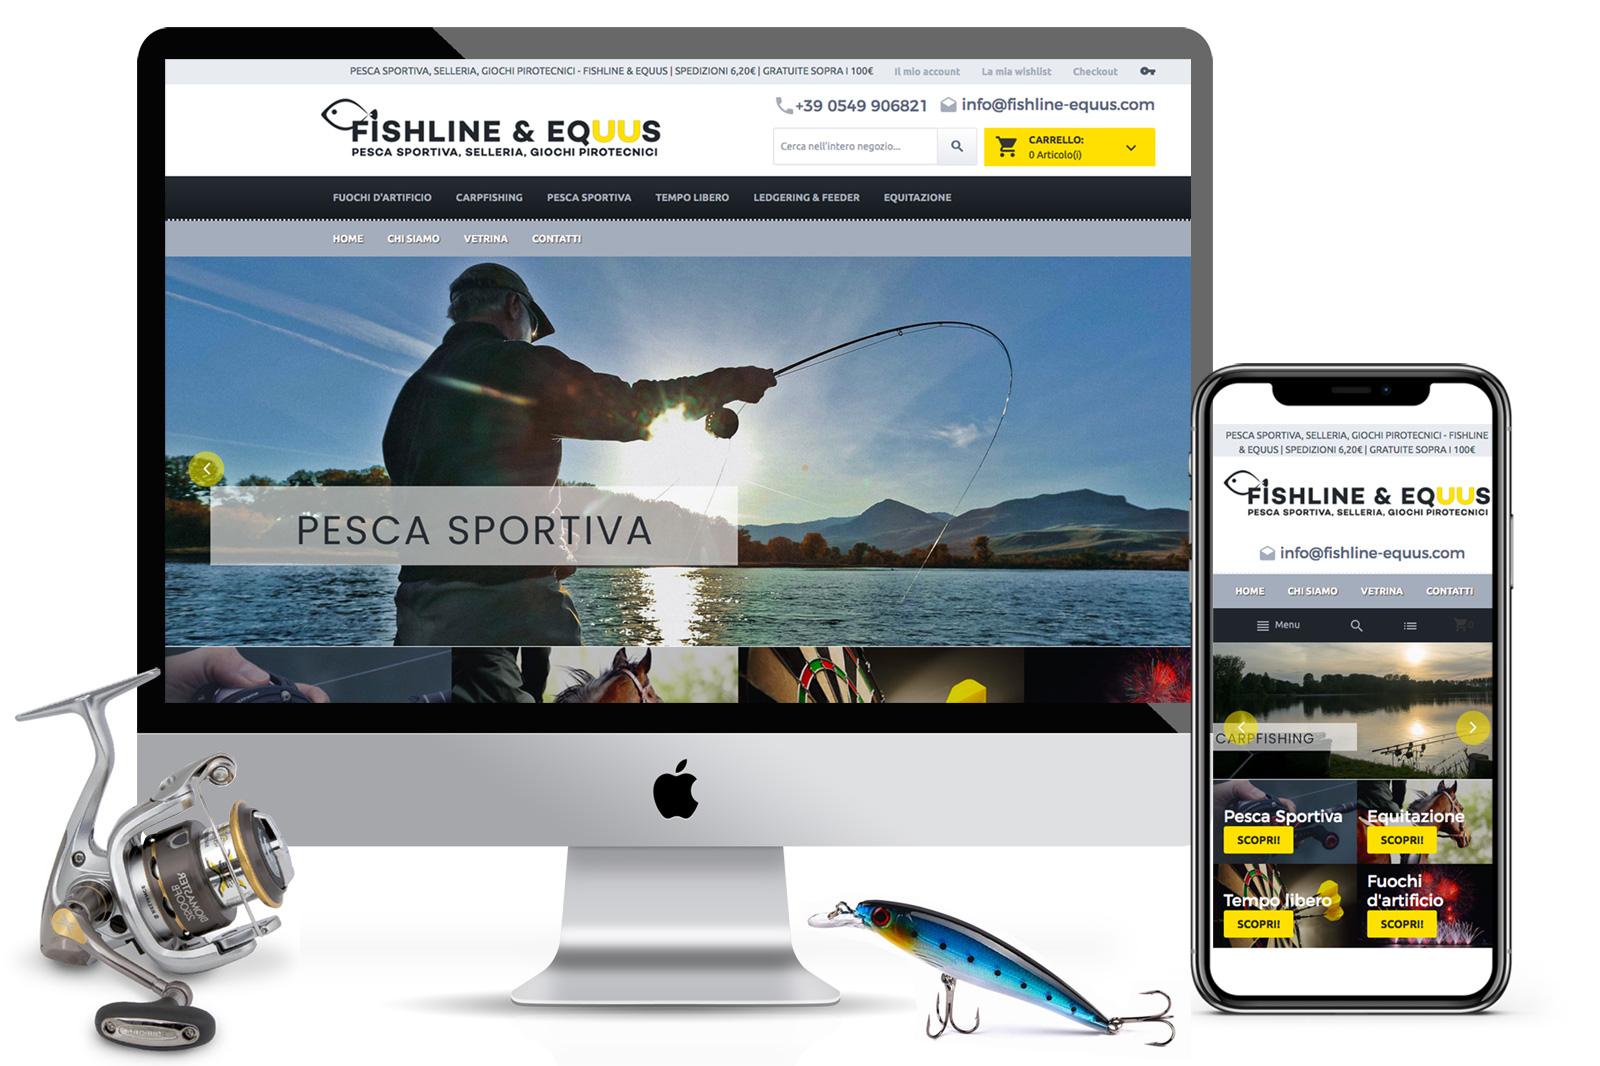 realizzazione-ecommerce-magento-articoli-pesca-fishline-equus-THUMB